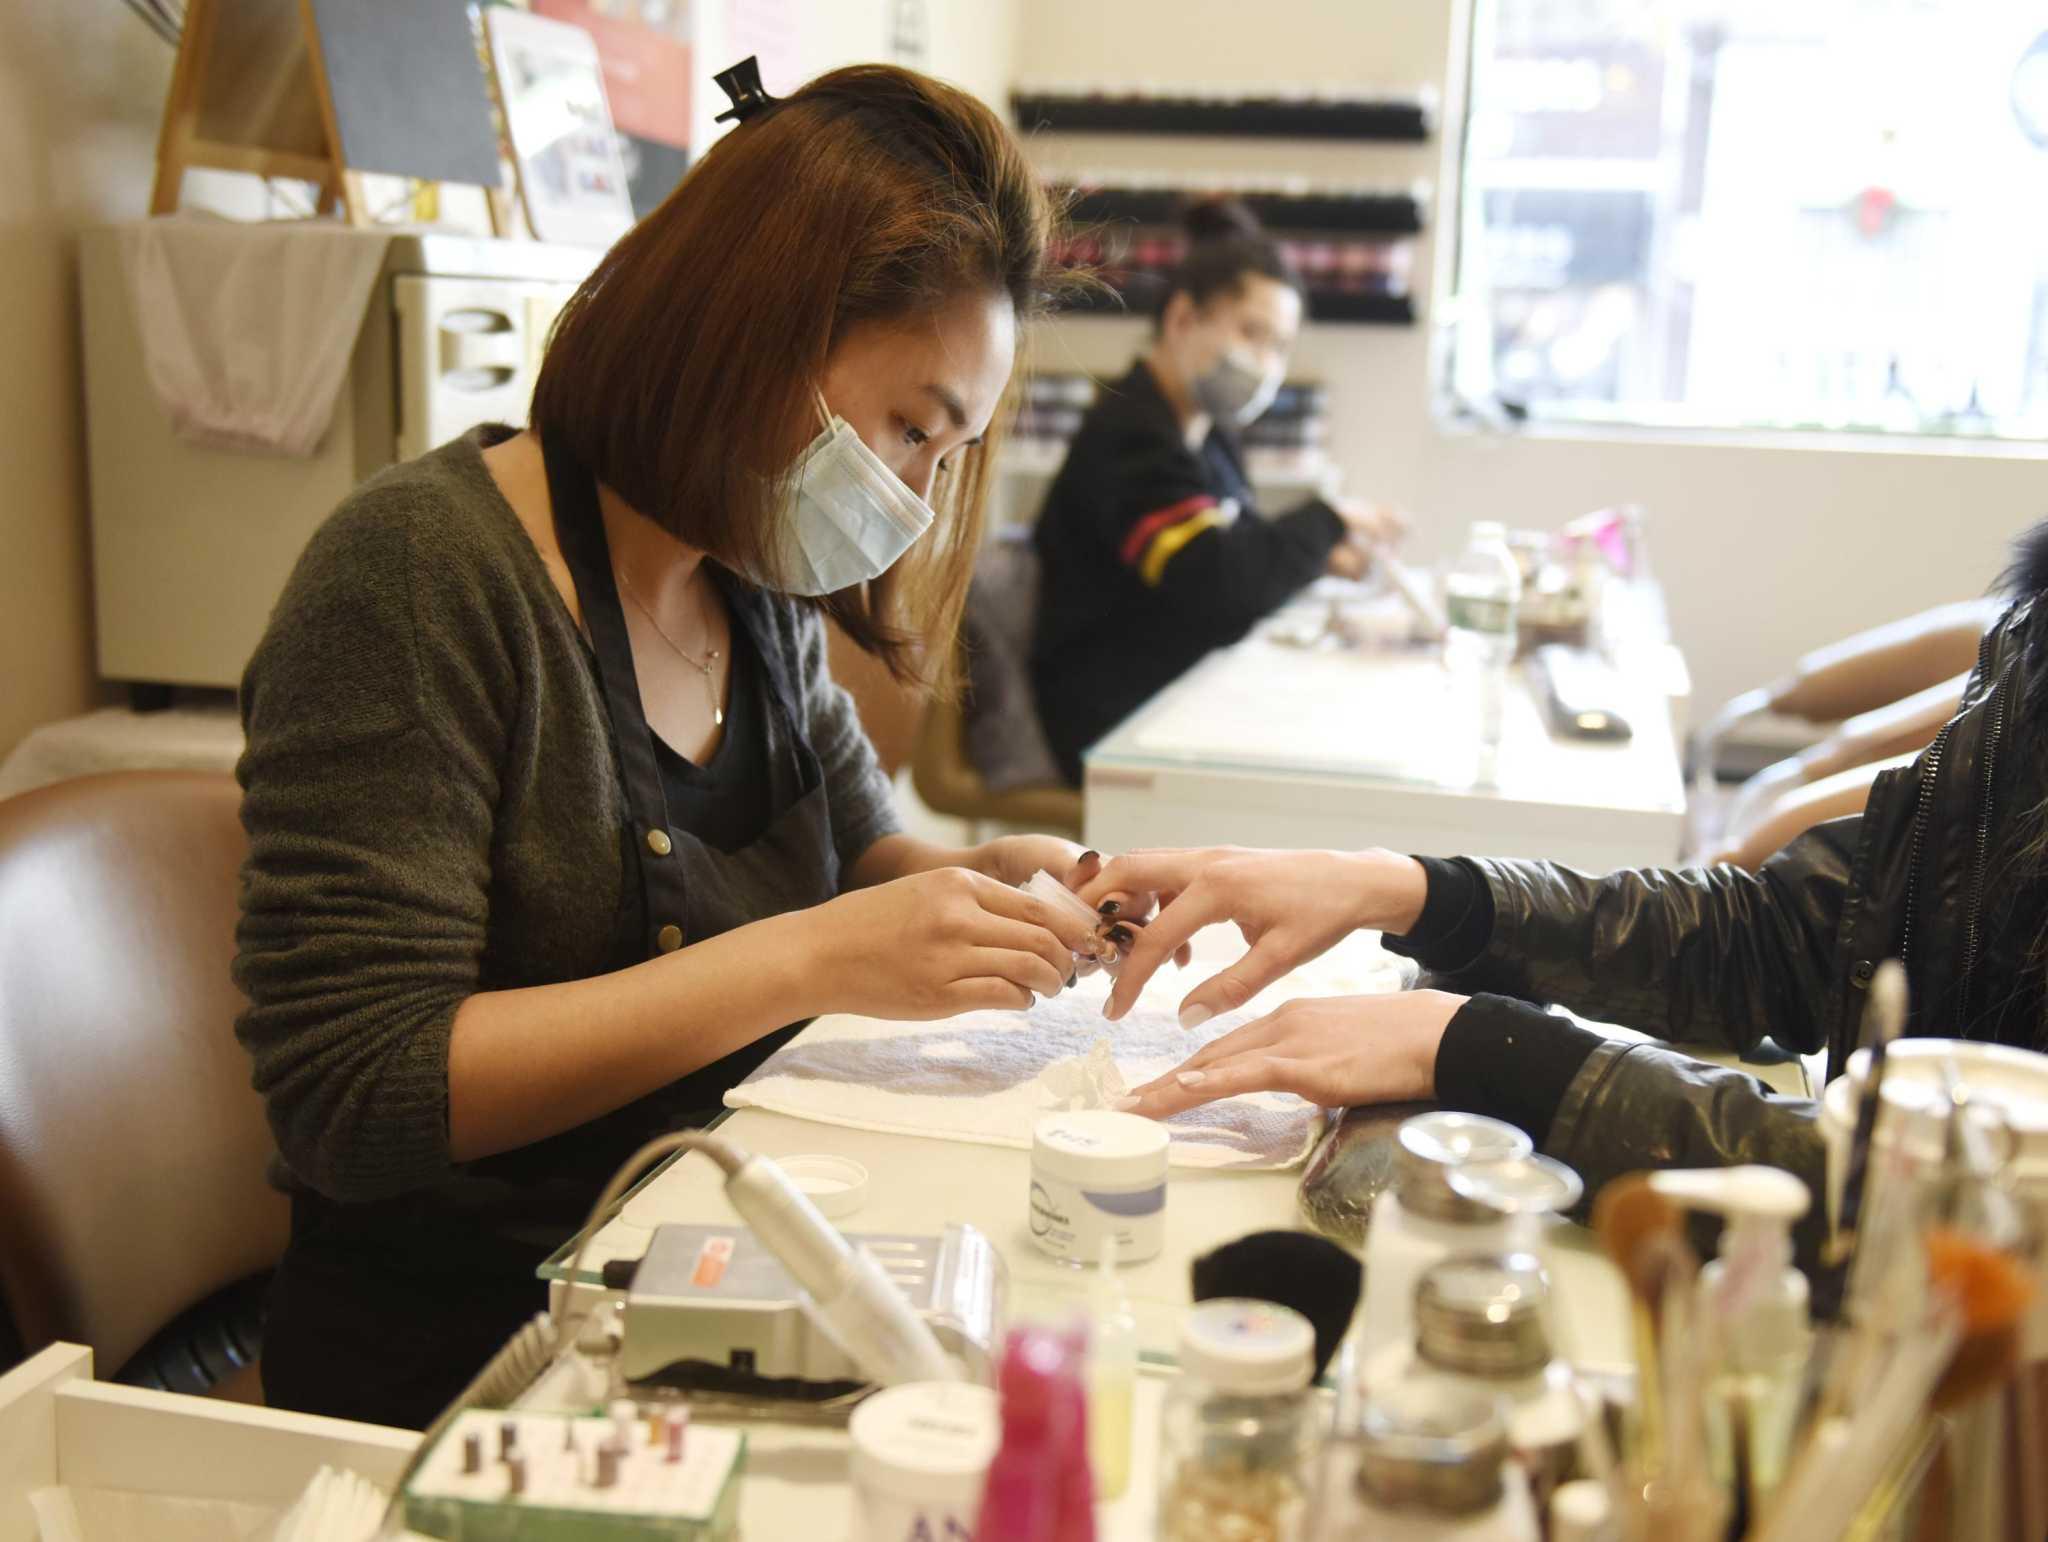 Best Nail Salon in Shawnee in 2021